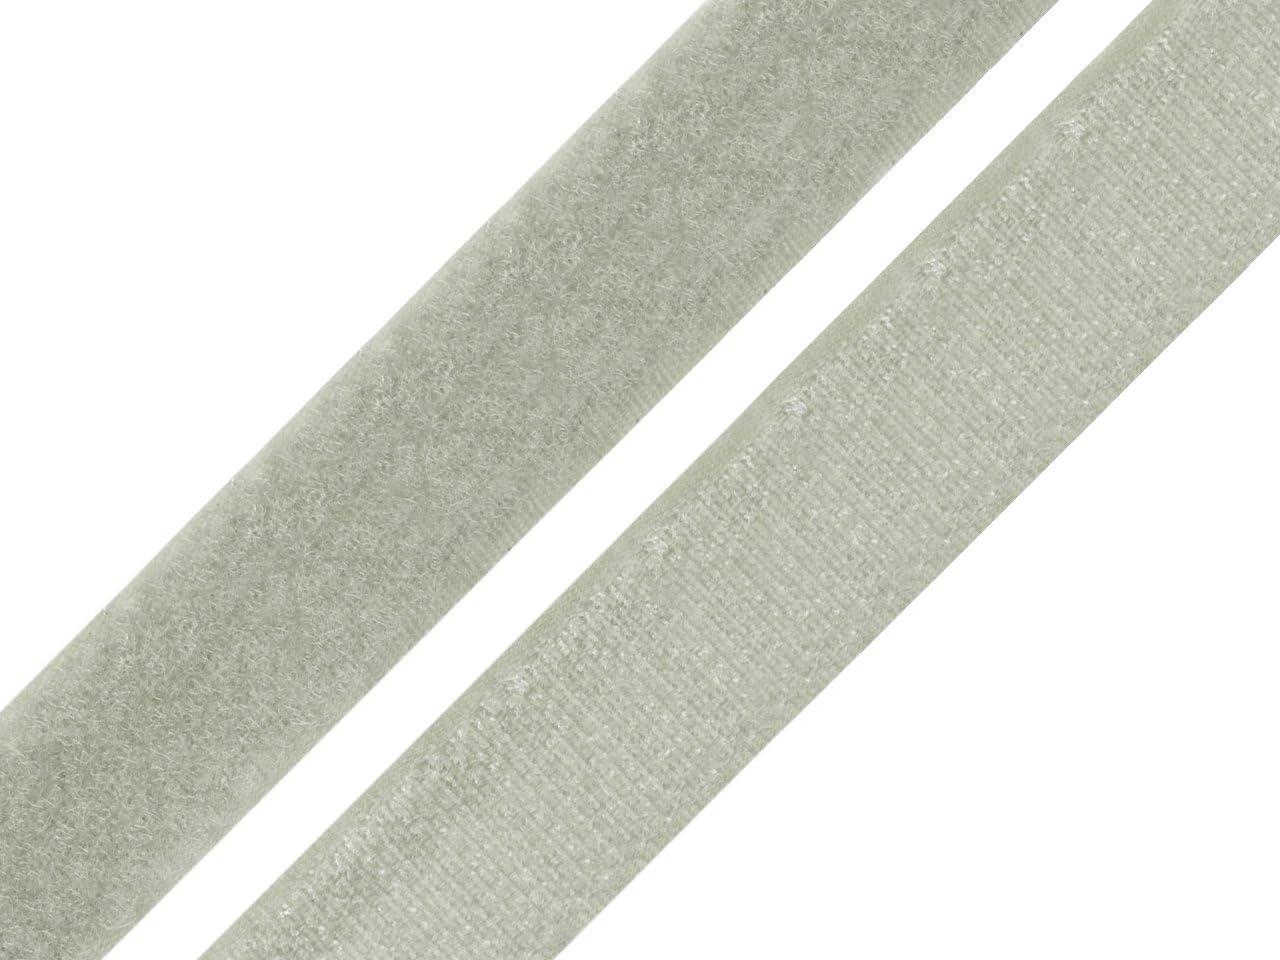 amarillo muchos colores Velcro poliamida 5 m 20/mm para coser de ganchos y flojel banda